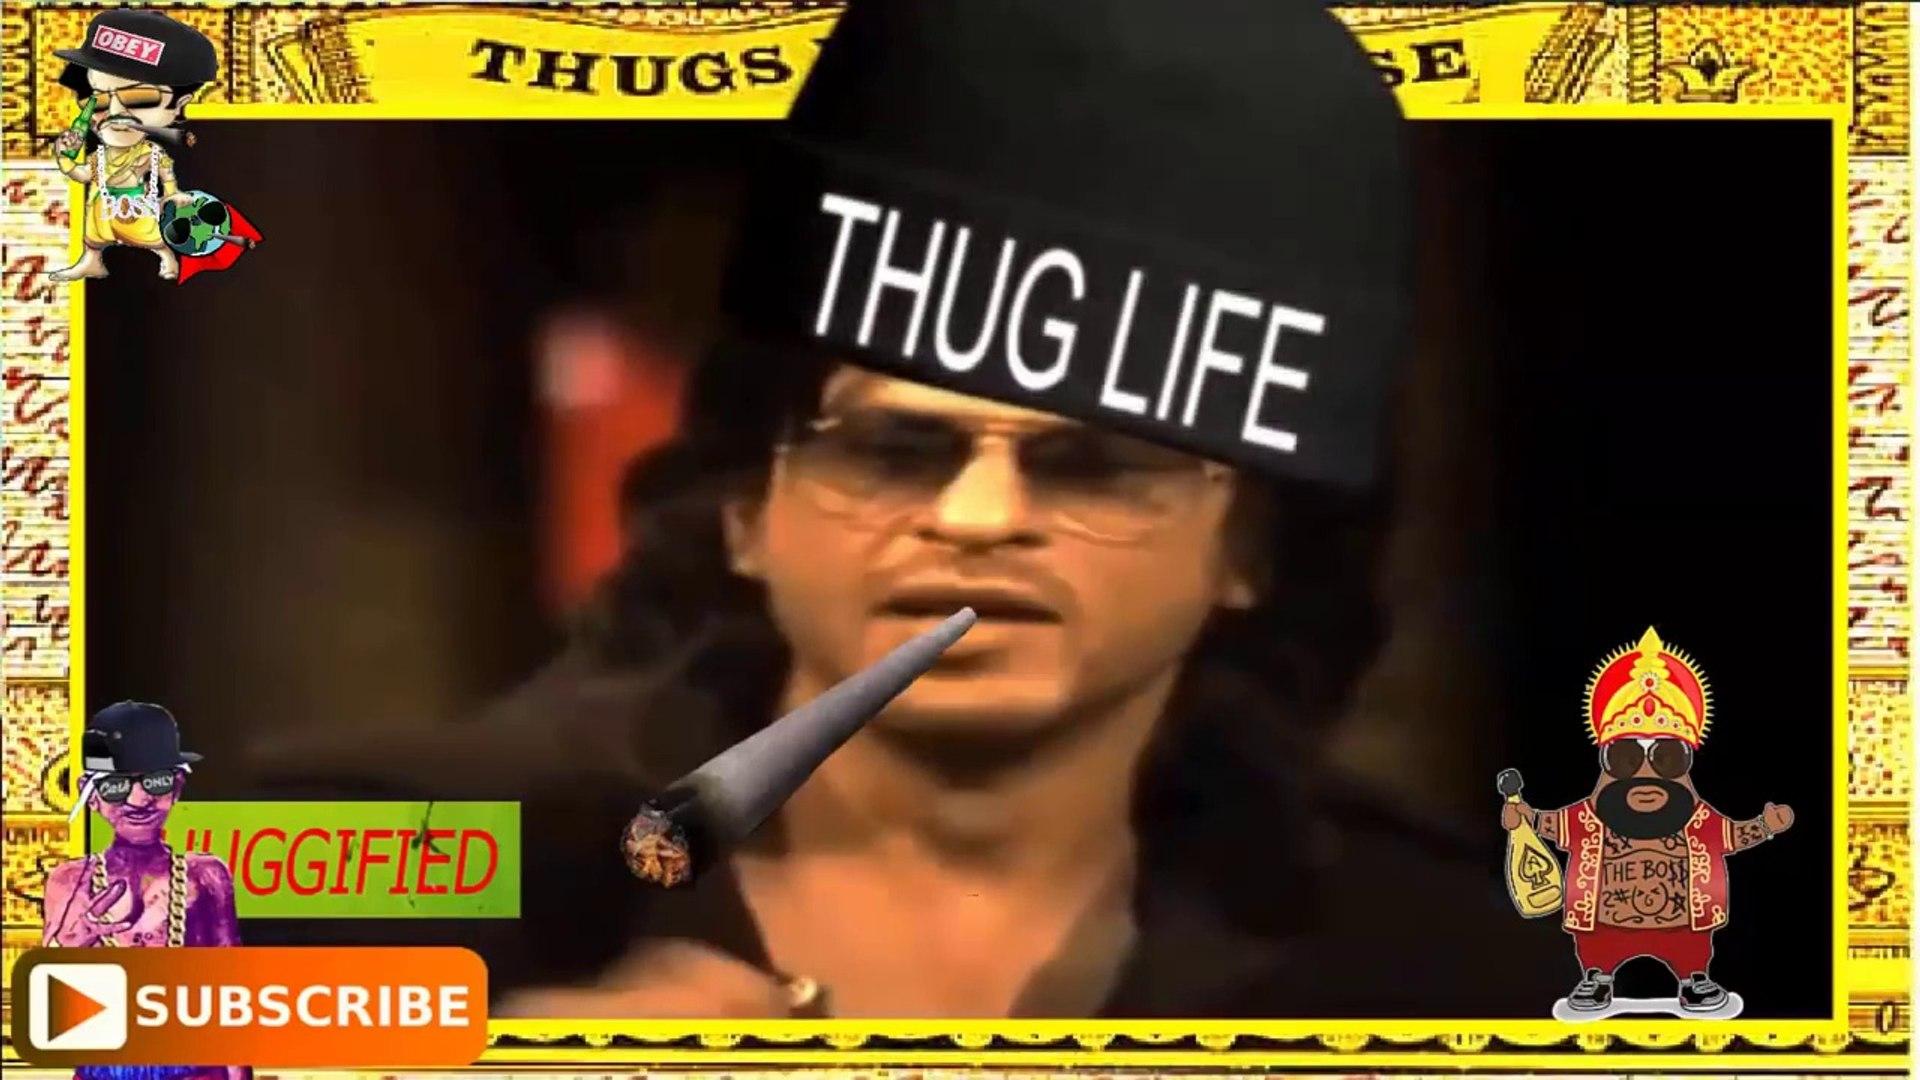 Ultimate Shahrukh Khan Thug Life SRK Life Desi Thug Life